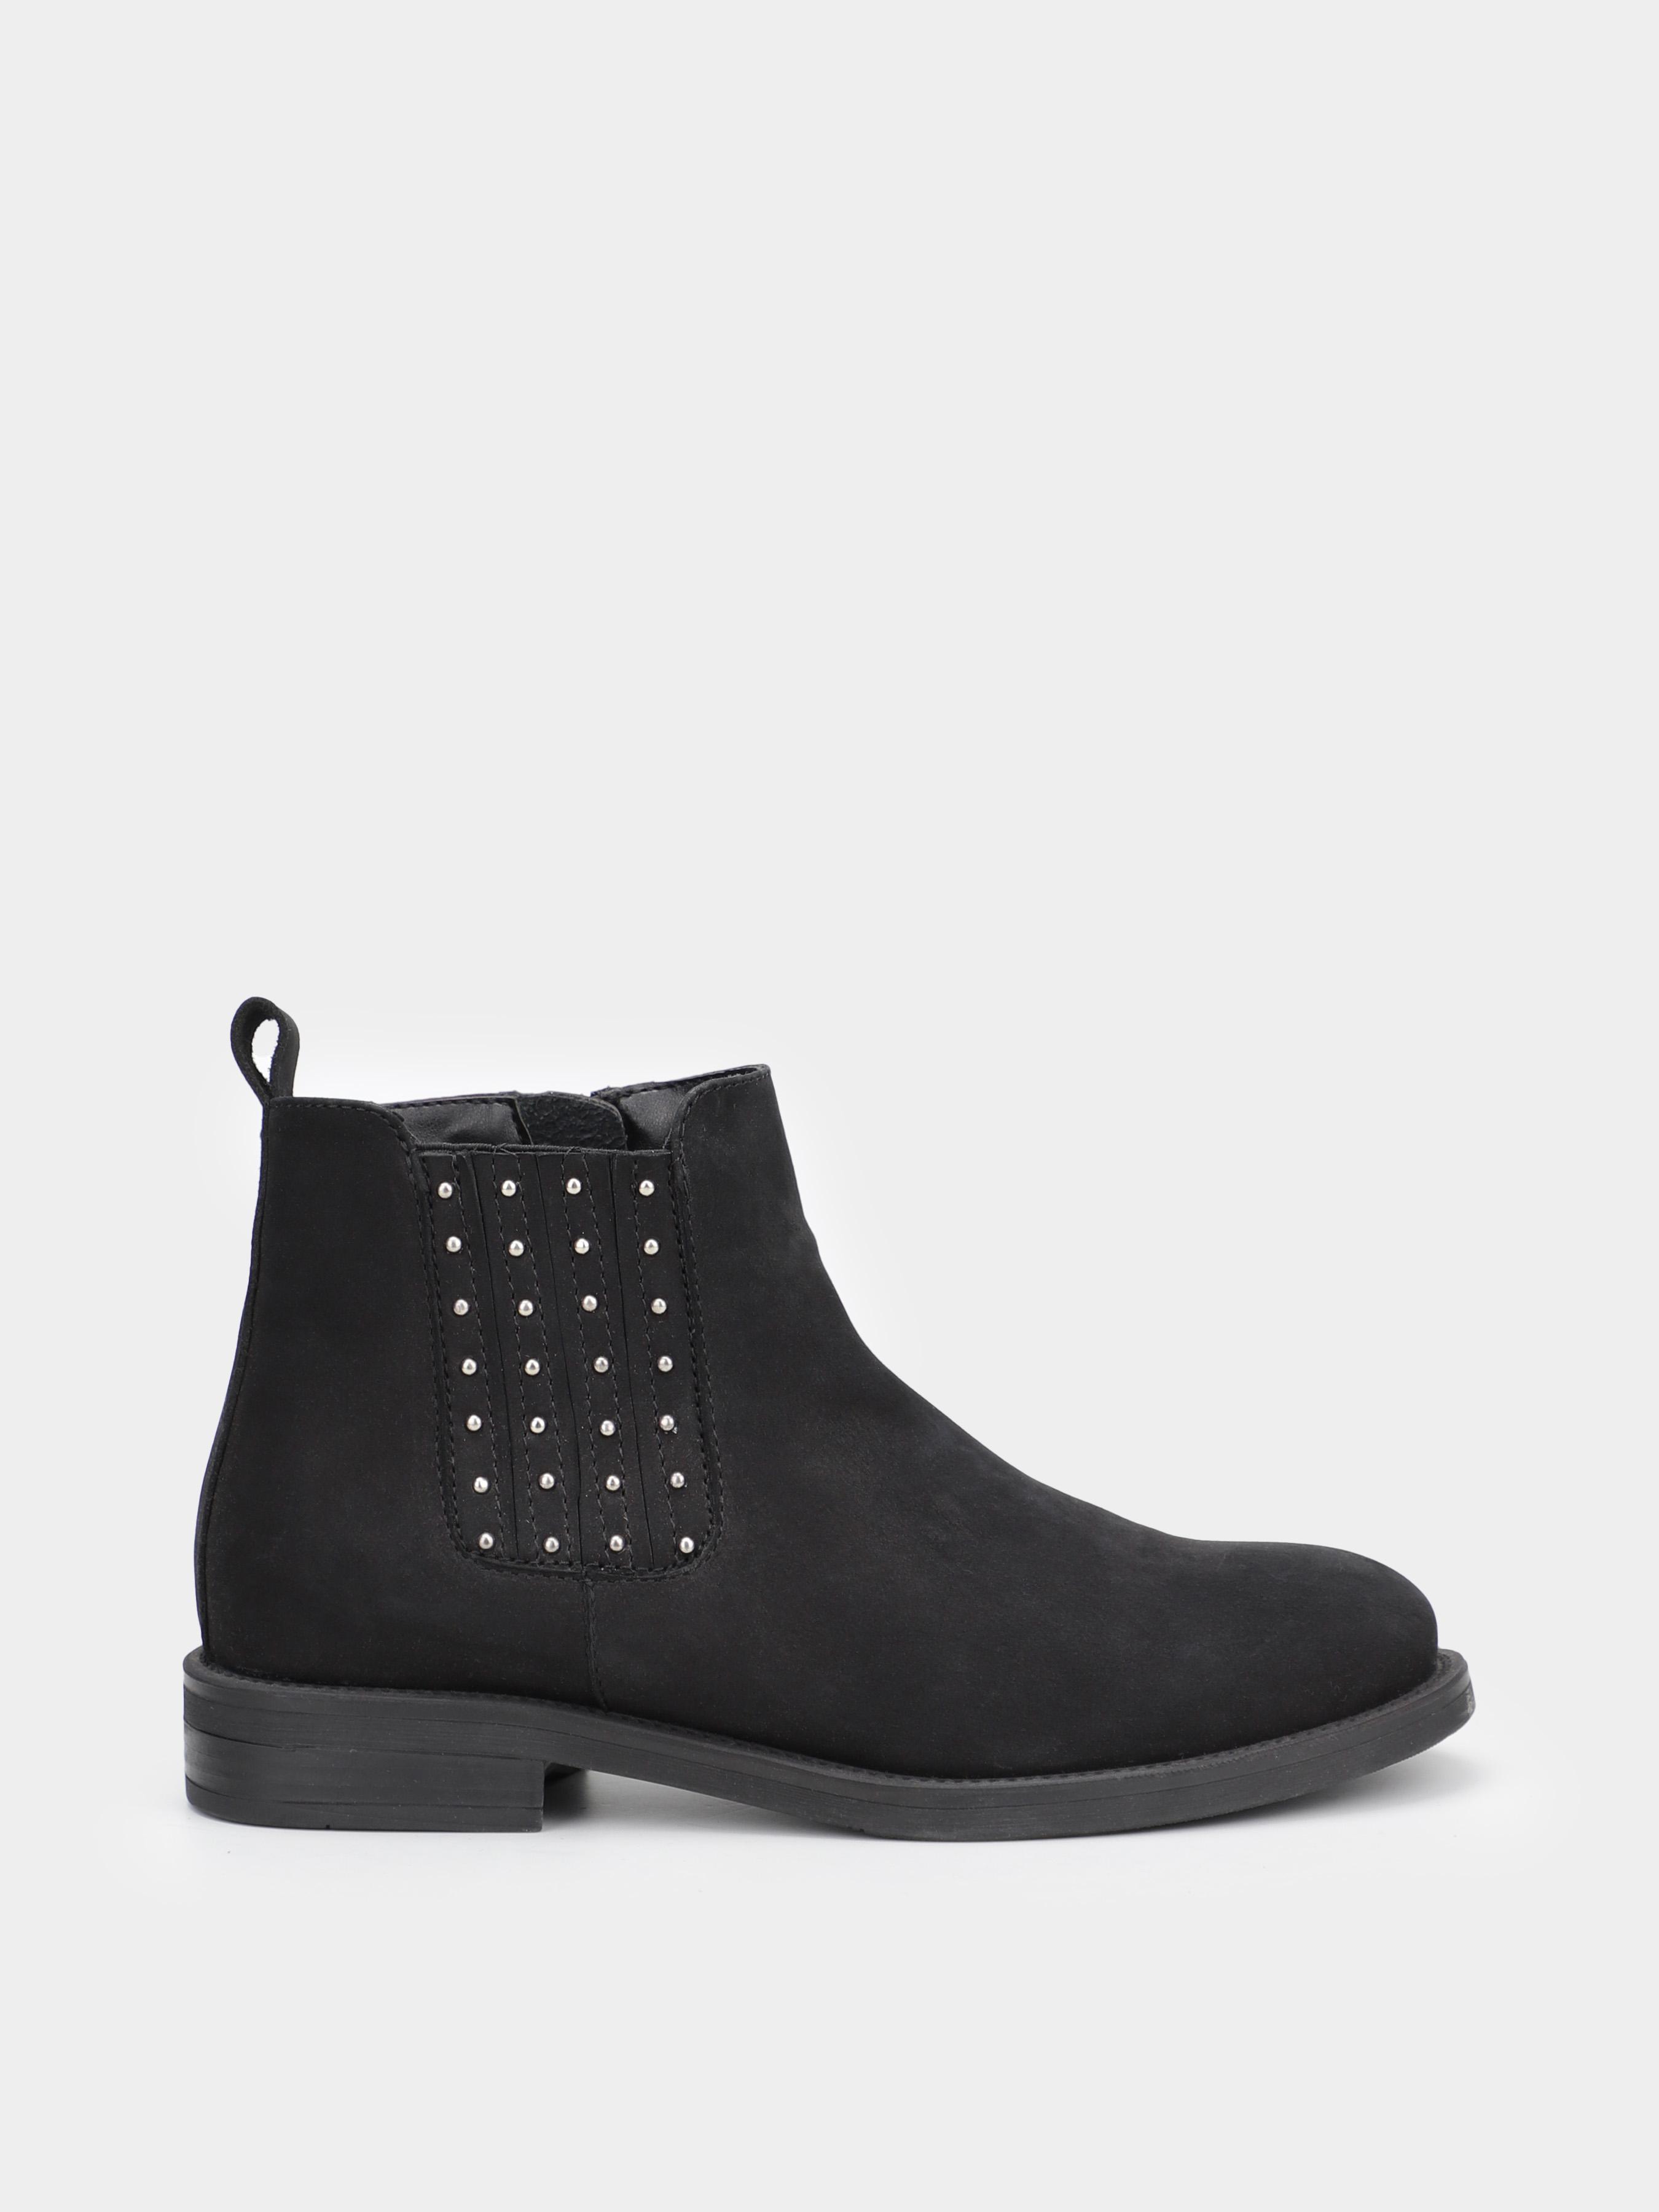 Купить Ботинки женские GAMA 2Z65, Черный